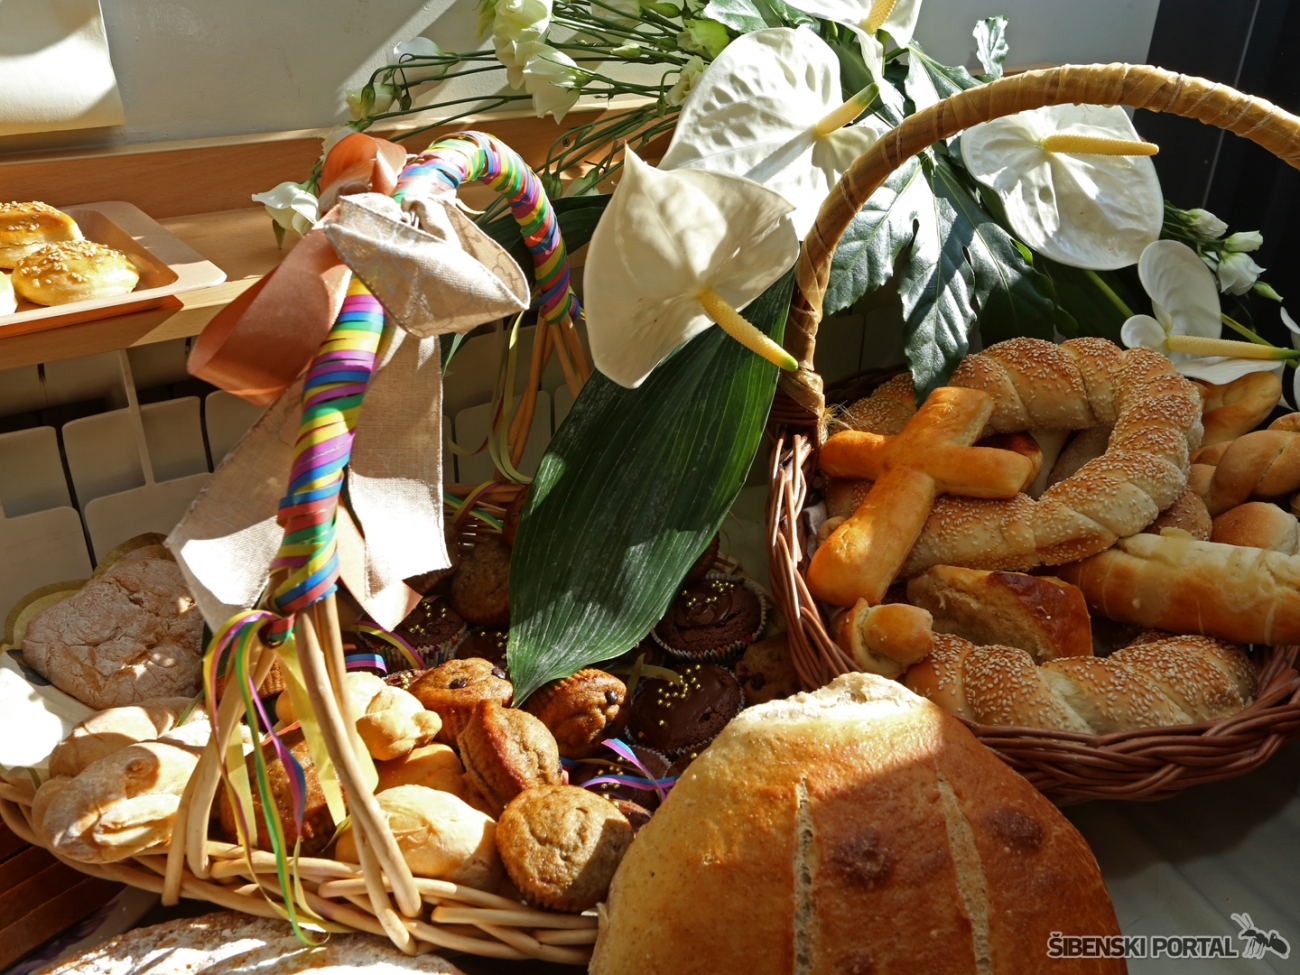 dv brat sunce dani kruha 131017 14